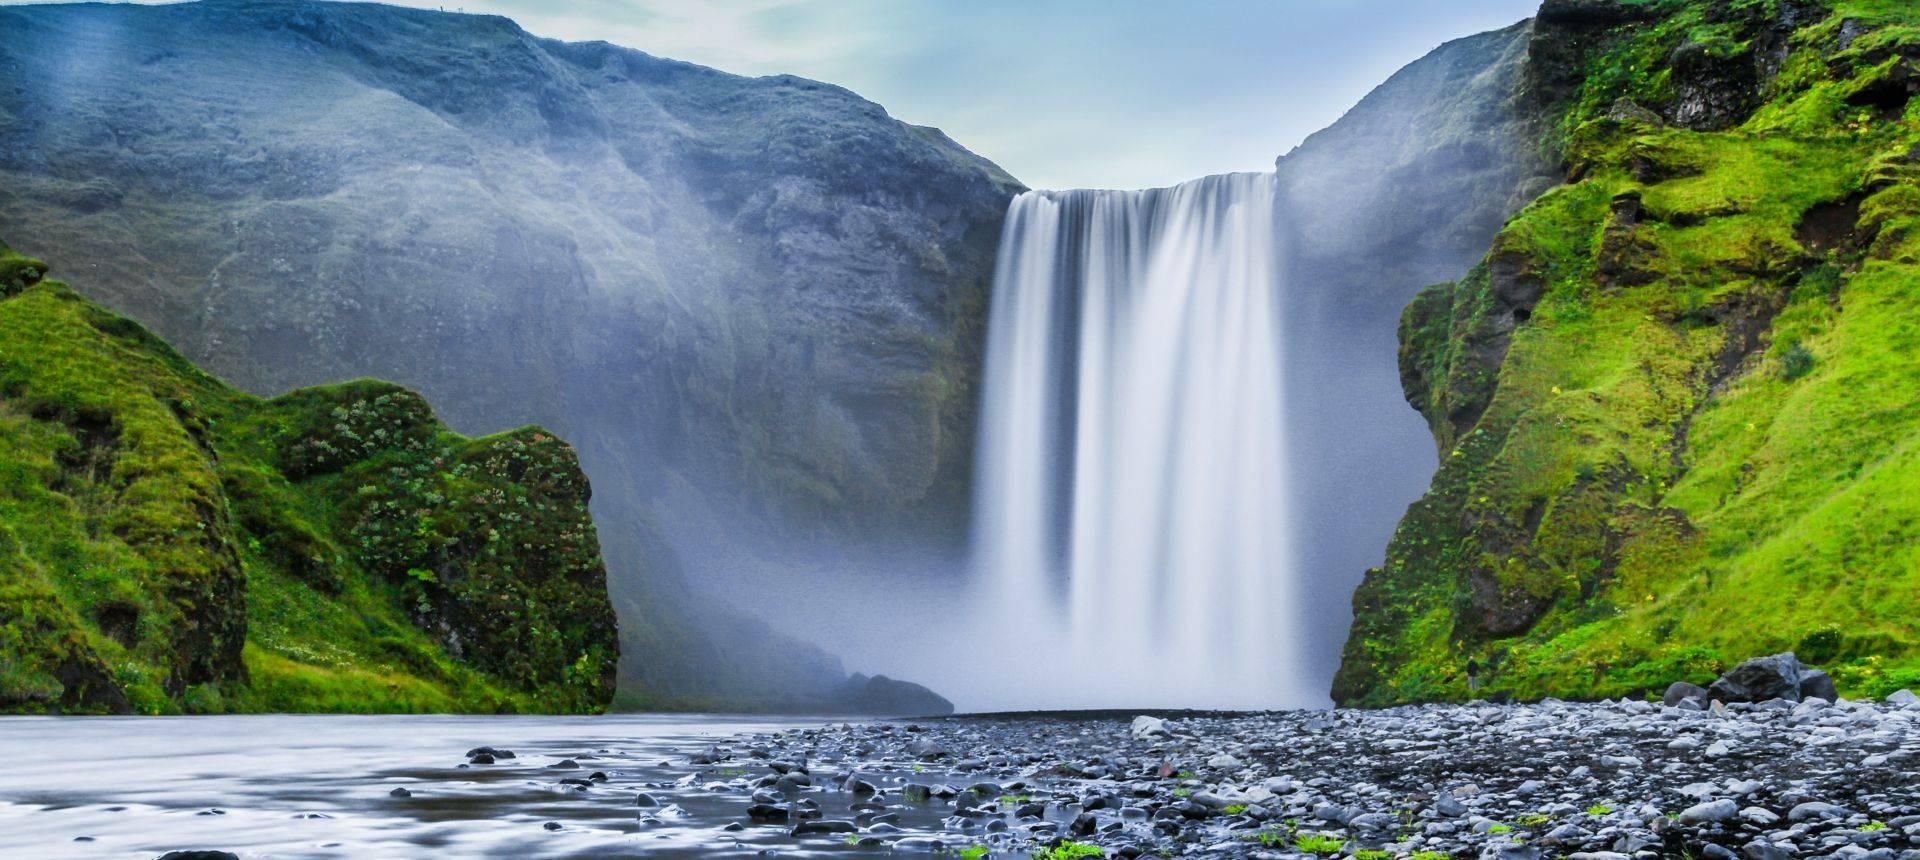 Skogafoss, Iceland Shutterstock 627841700